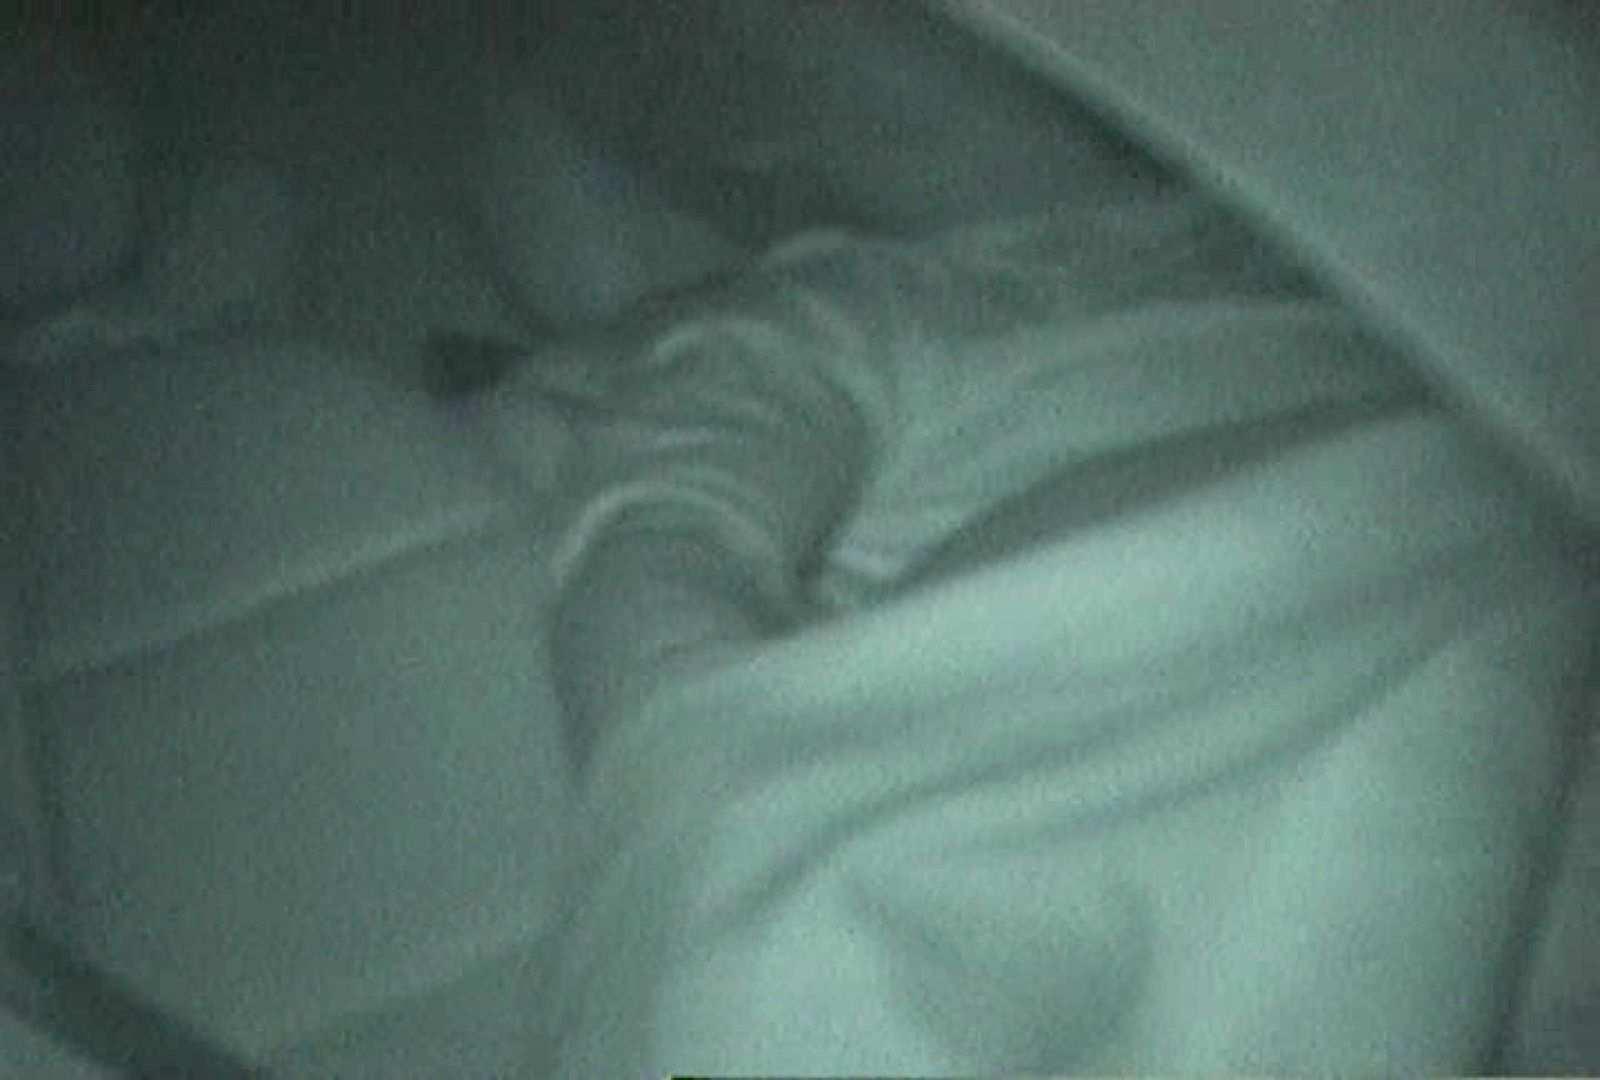 充血監督の深夜の運動会Vol.53 美しいOLの裸体   セックス  97pic 49